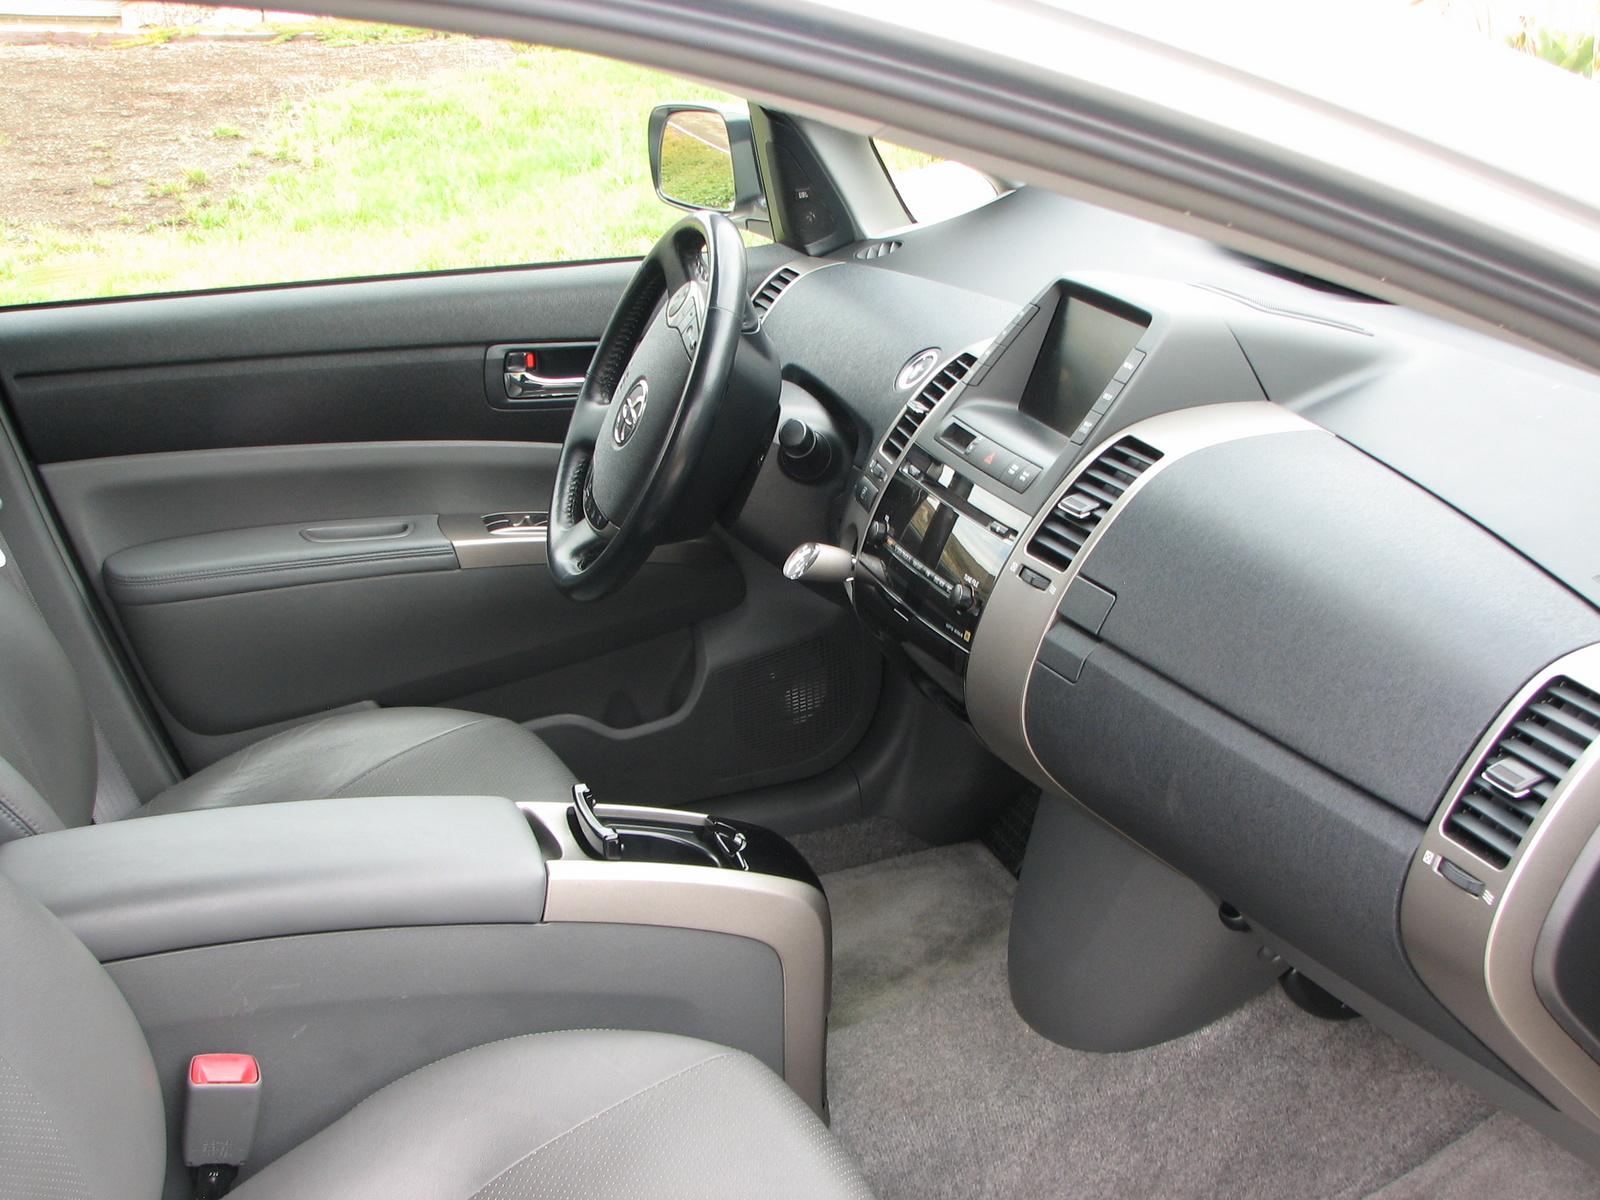 2007 toyota prius interior pictures cargurus